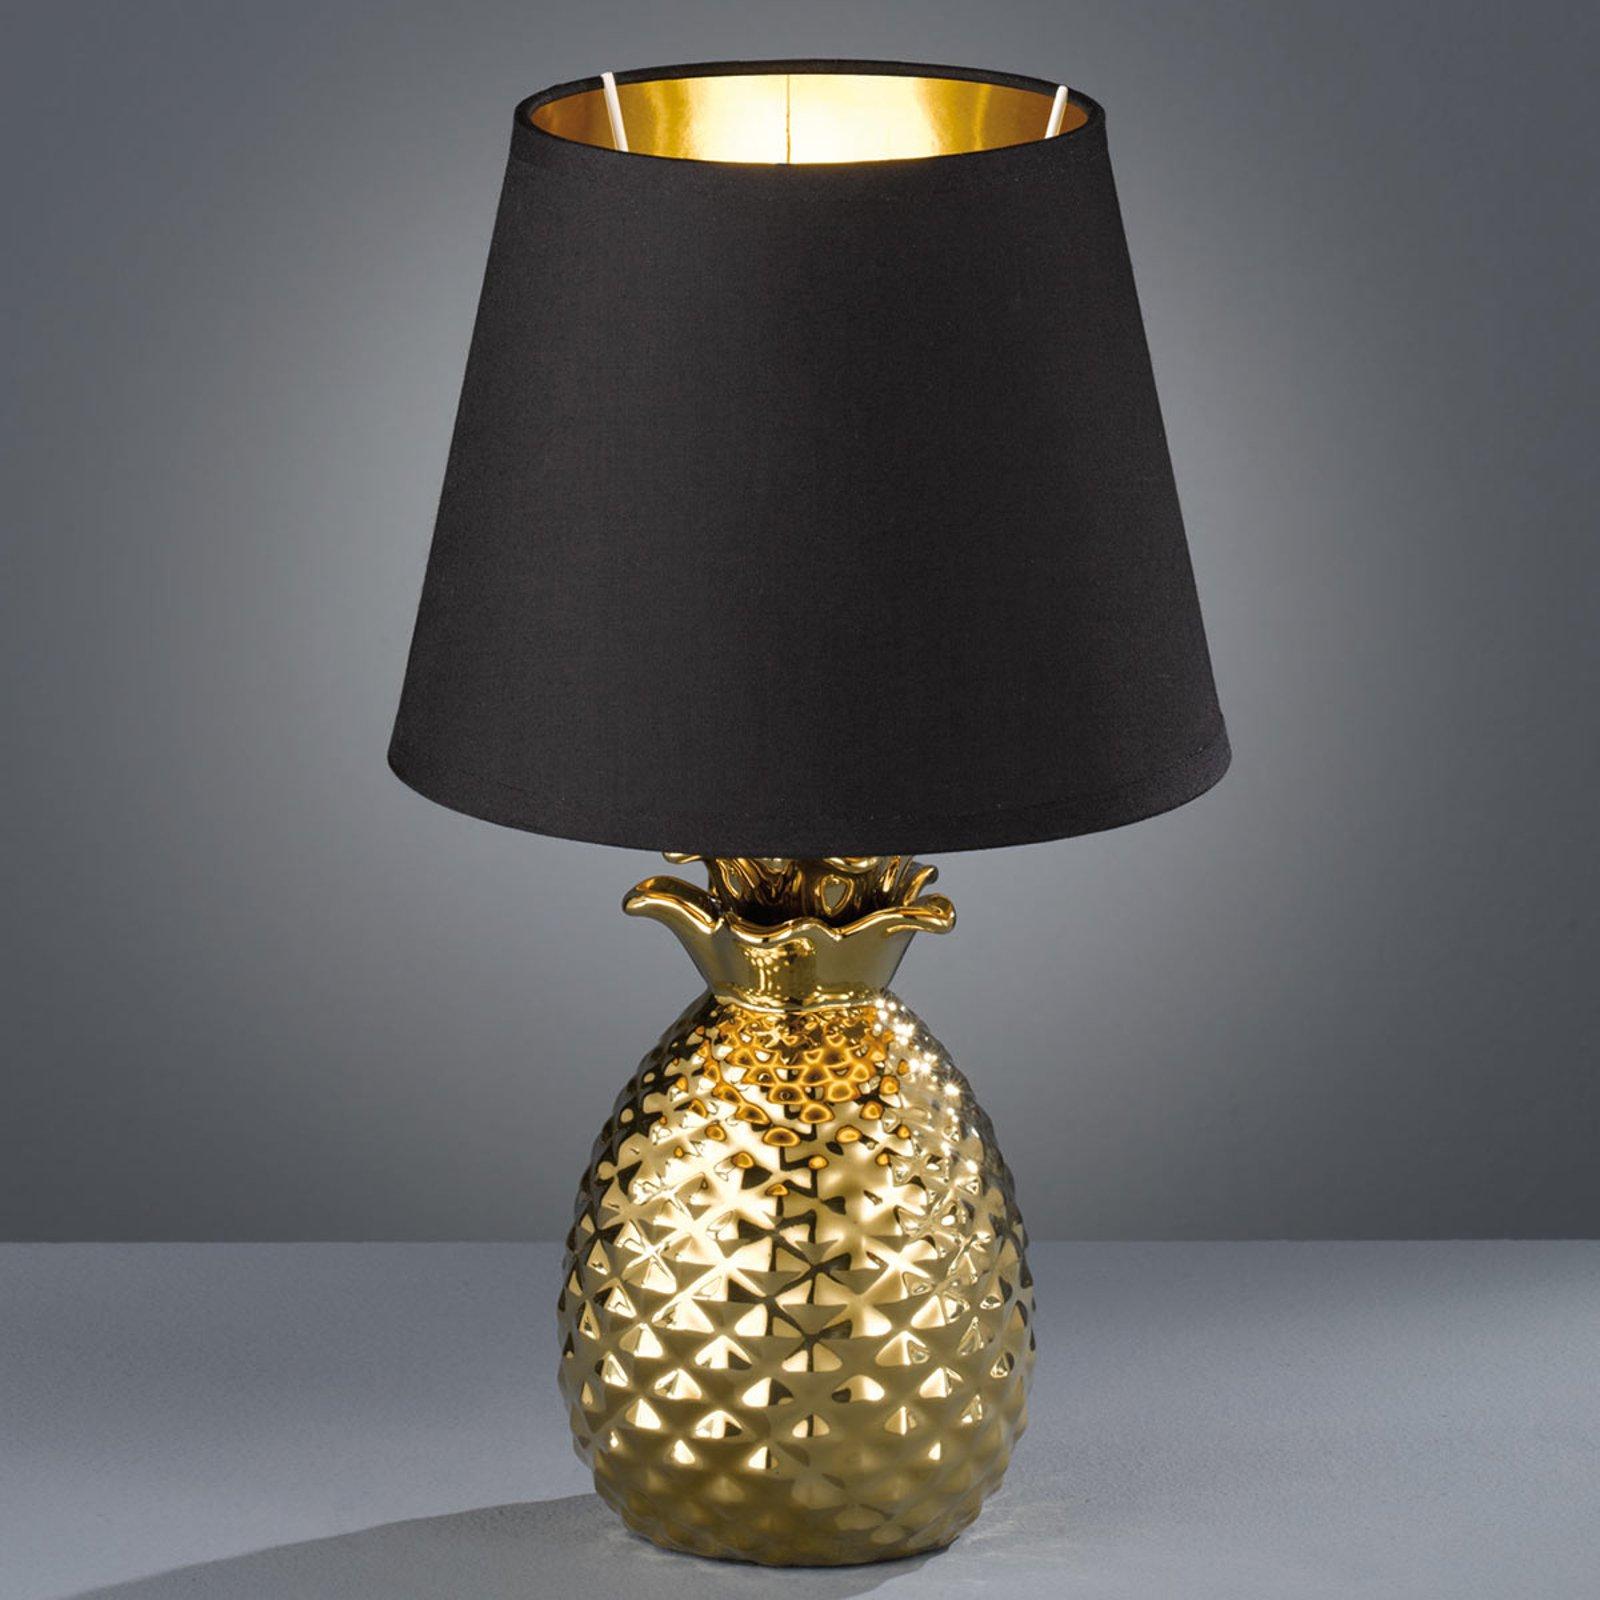 Bordlampe Pineapple i keramikk i gull og svart